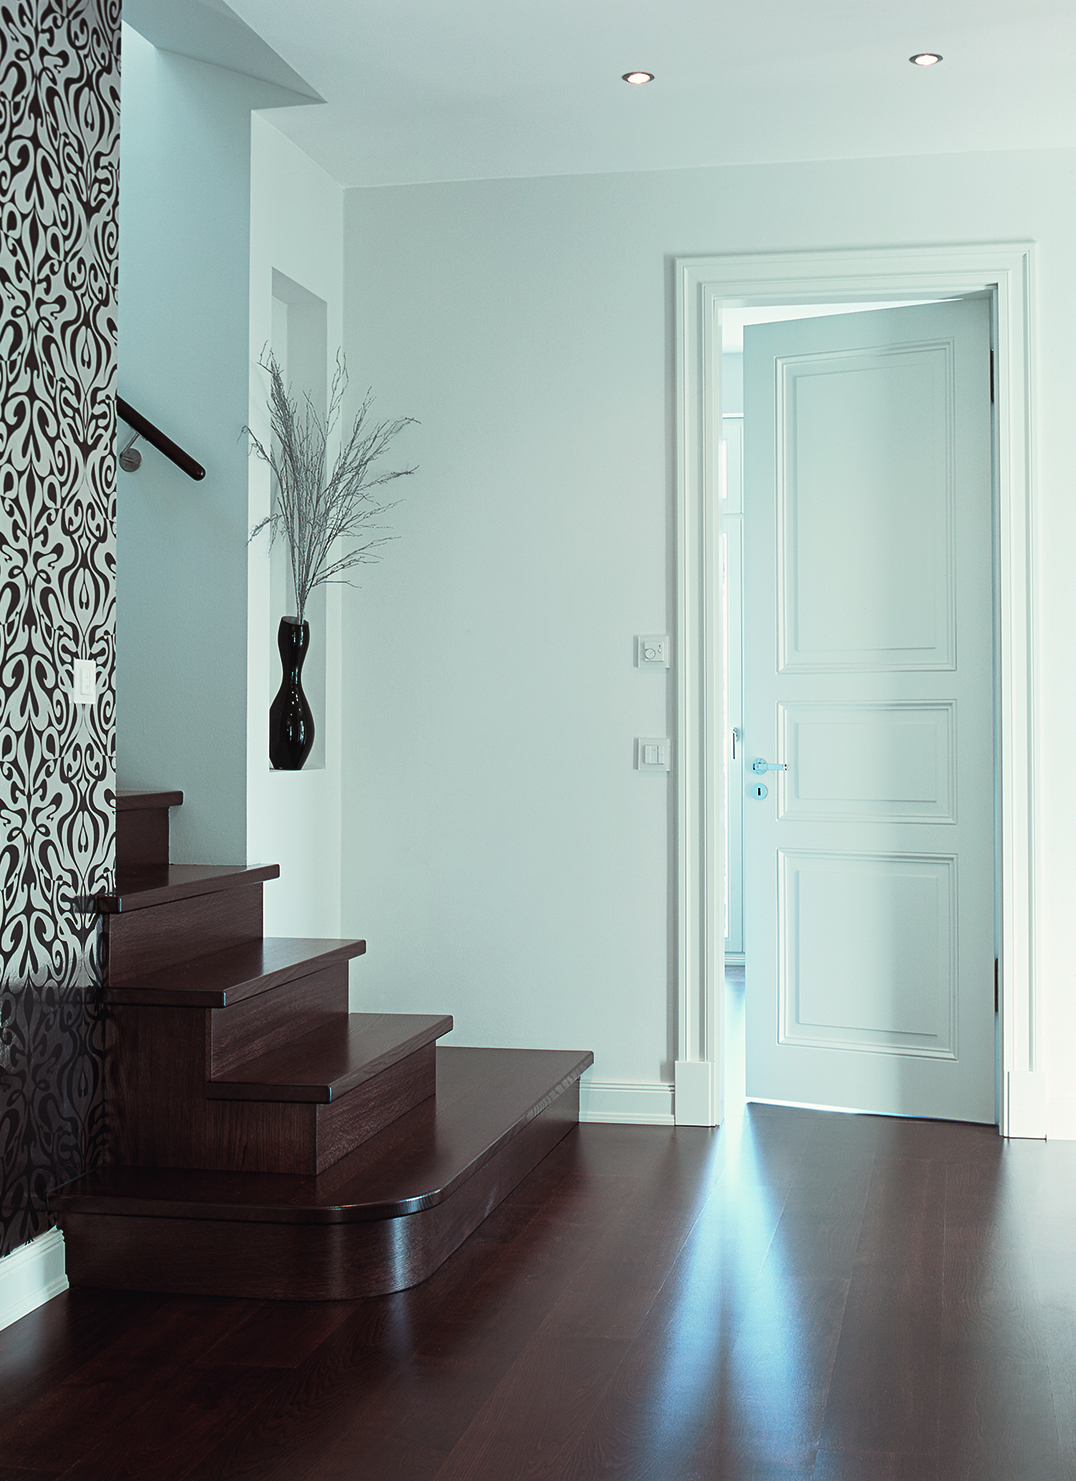 holzt ren interio baudesign fachzentrum innenausbau. Black Bedroom Furniture Sets. Home Design Ideas